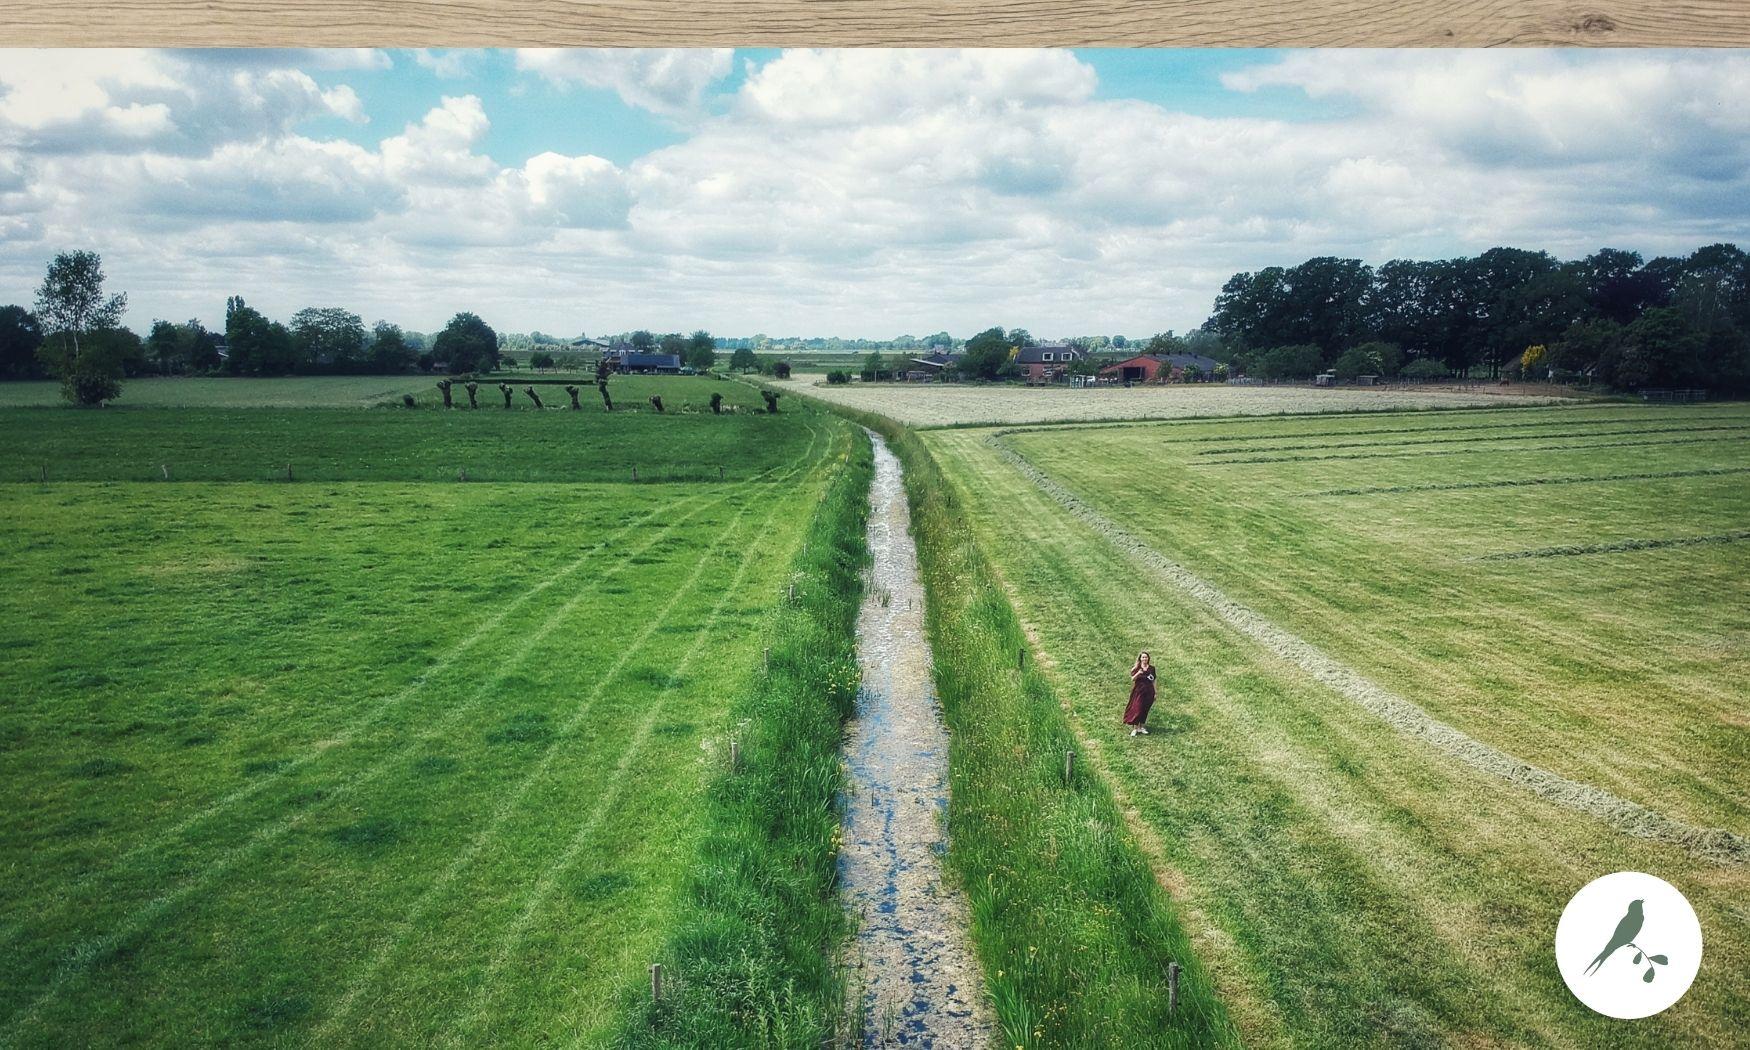 de kleine wildenberg - soetkees - boerderijvakantie - blog - vakantie met kinderen